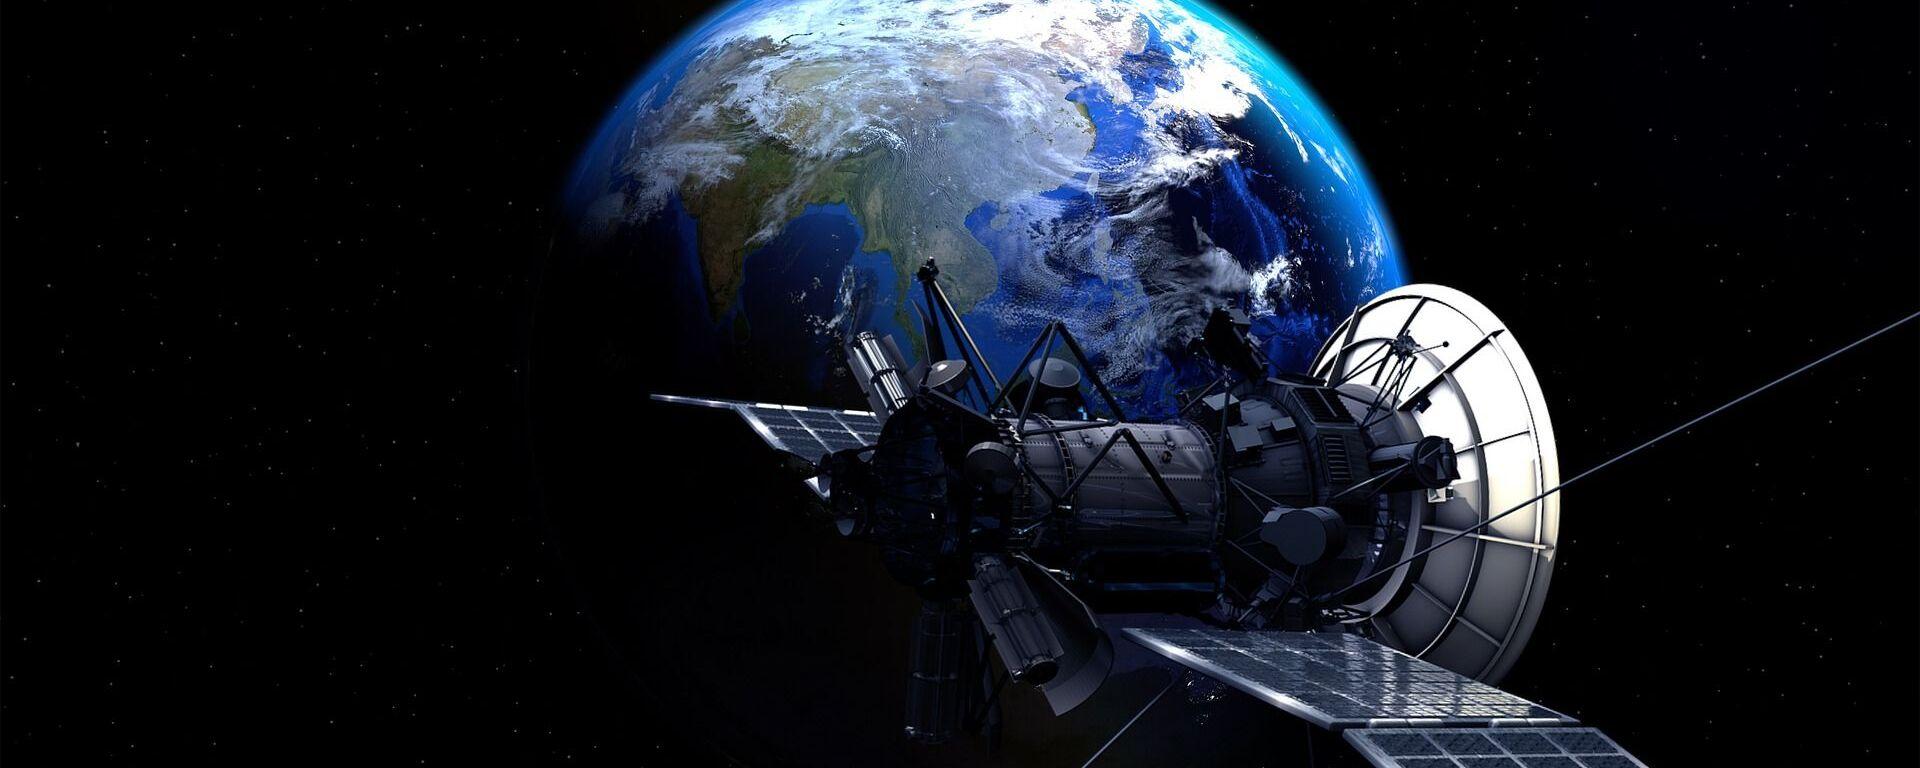 Un satélite en el espacio (imagen referencial) - Sputnik Mundo, 1920, 20.09.2020